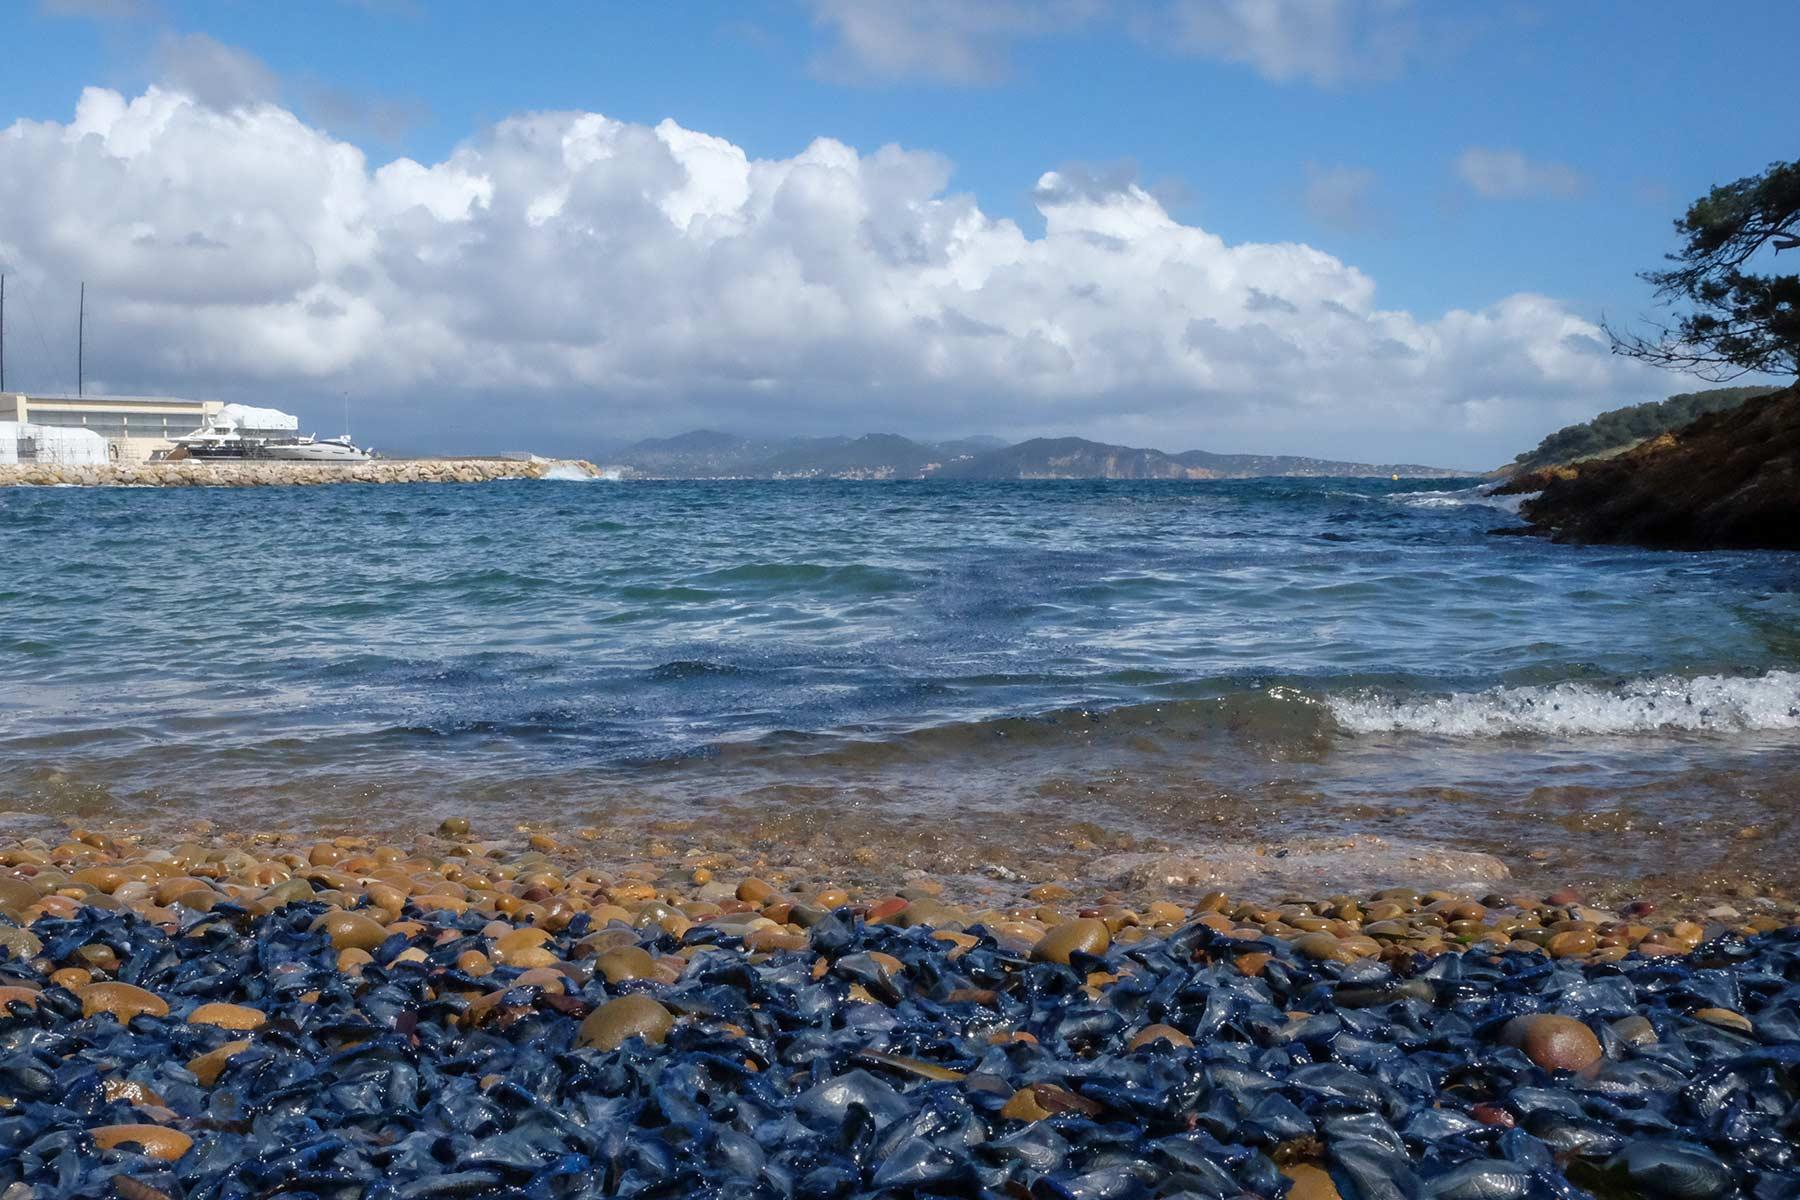 Segelquallen am Strand von La Ciotat, Frankreich